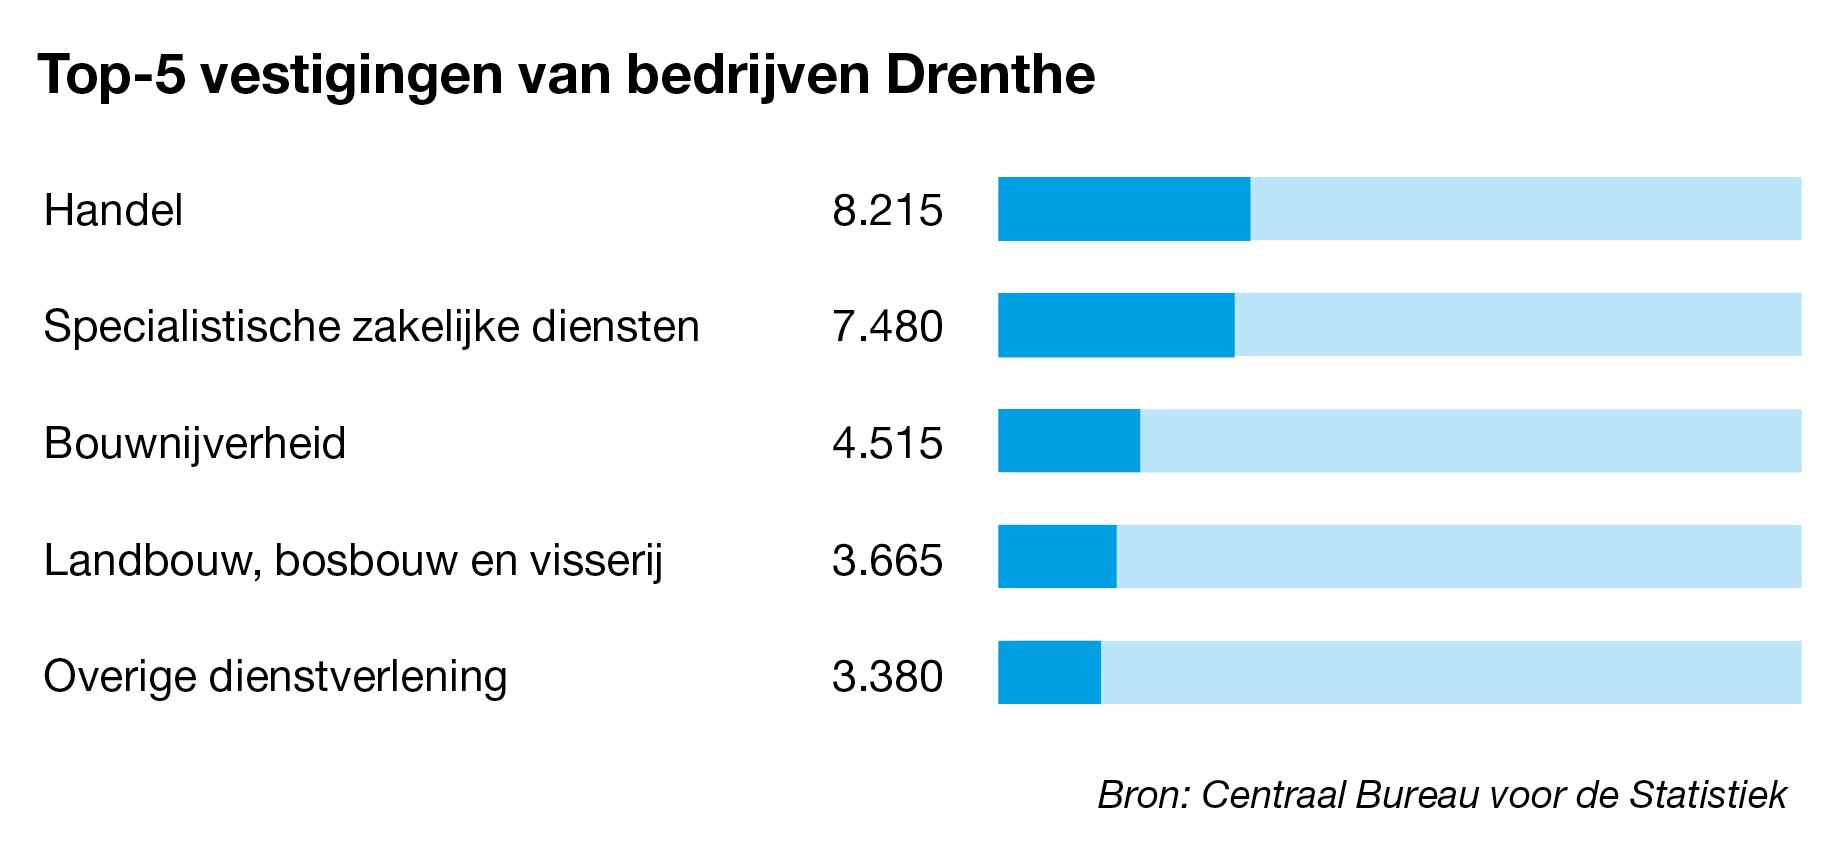 Bedrijven te koop in Drenthe